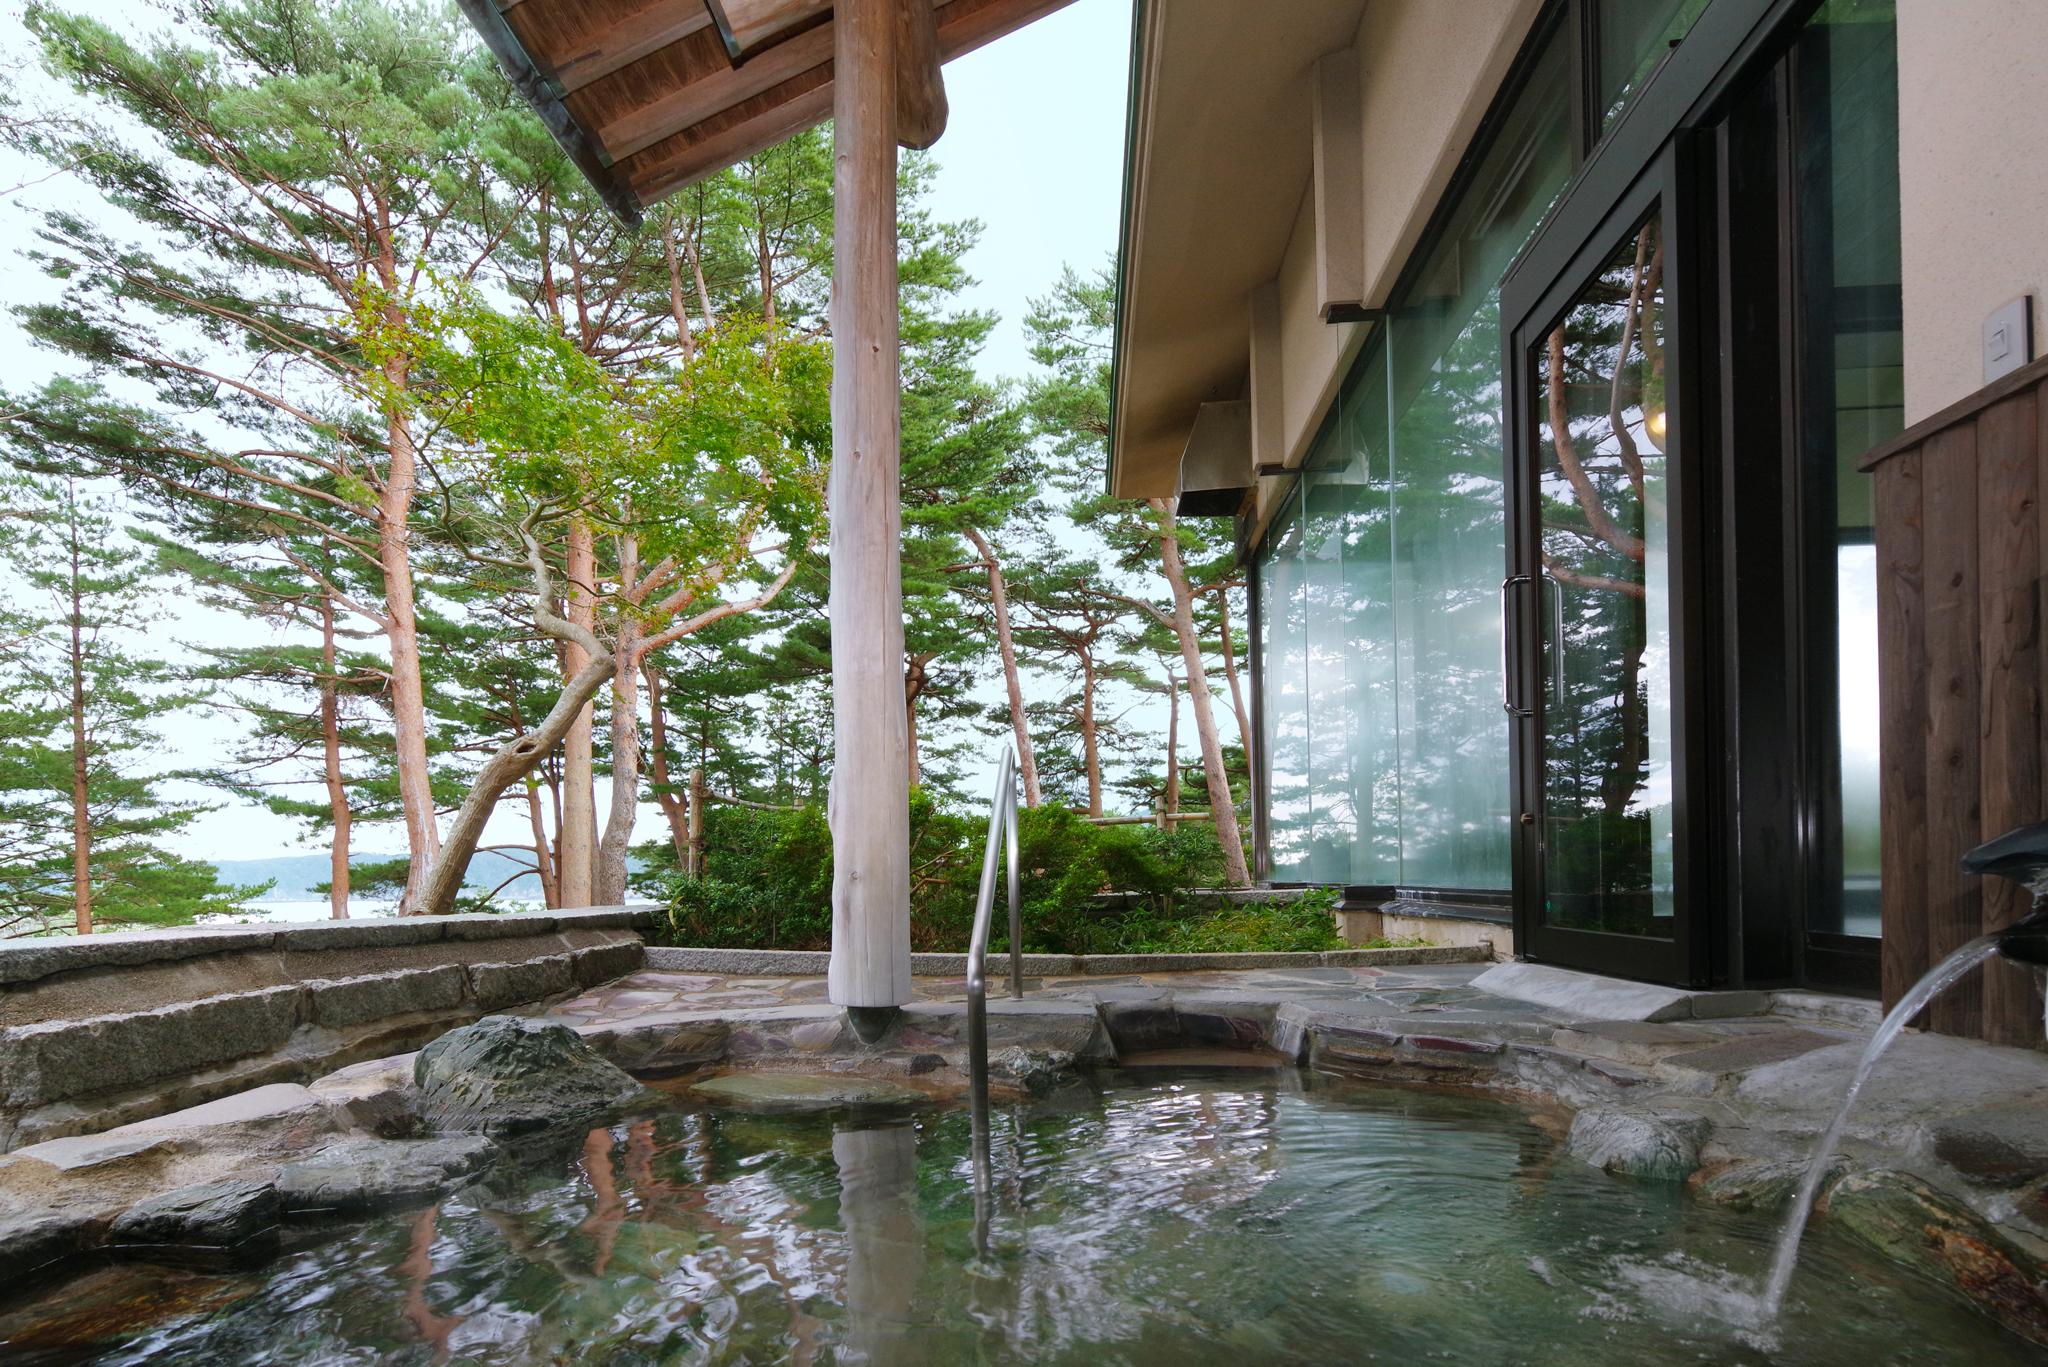 かもめの湯 赤松林に囲まれ、自然の息吹を感じながらゆったりと入浴できる大浴場です。